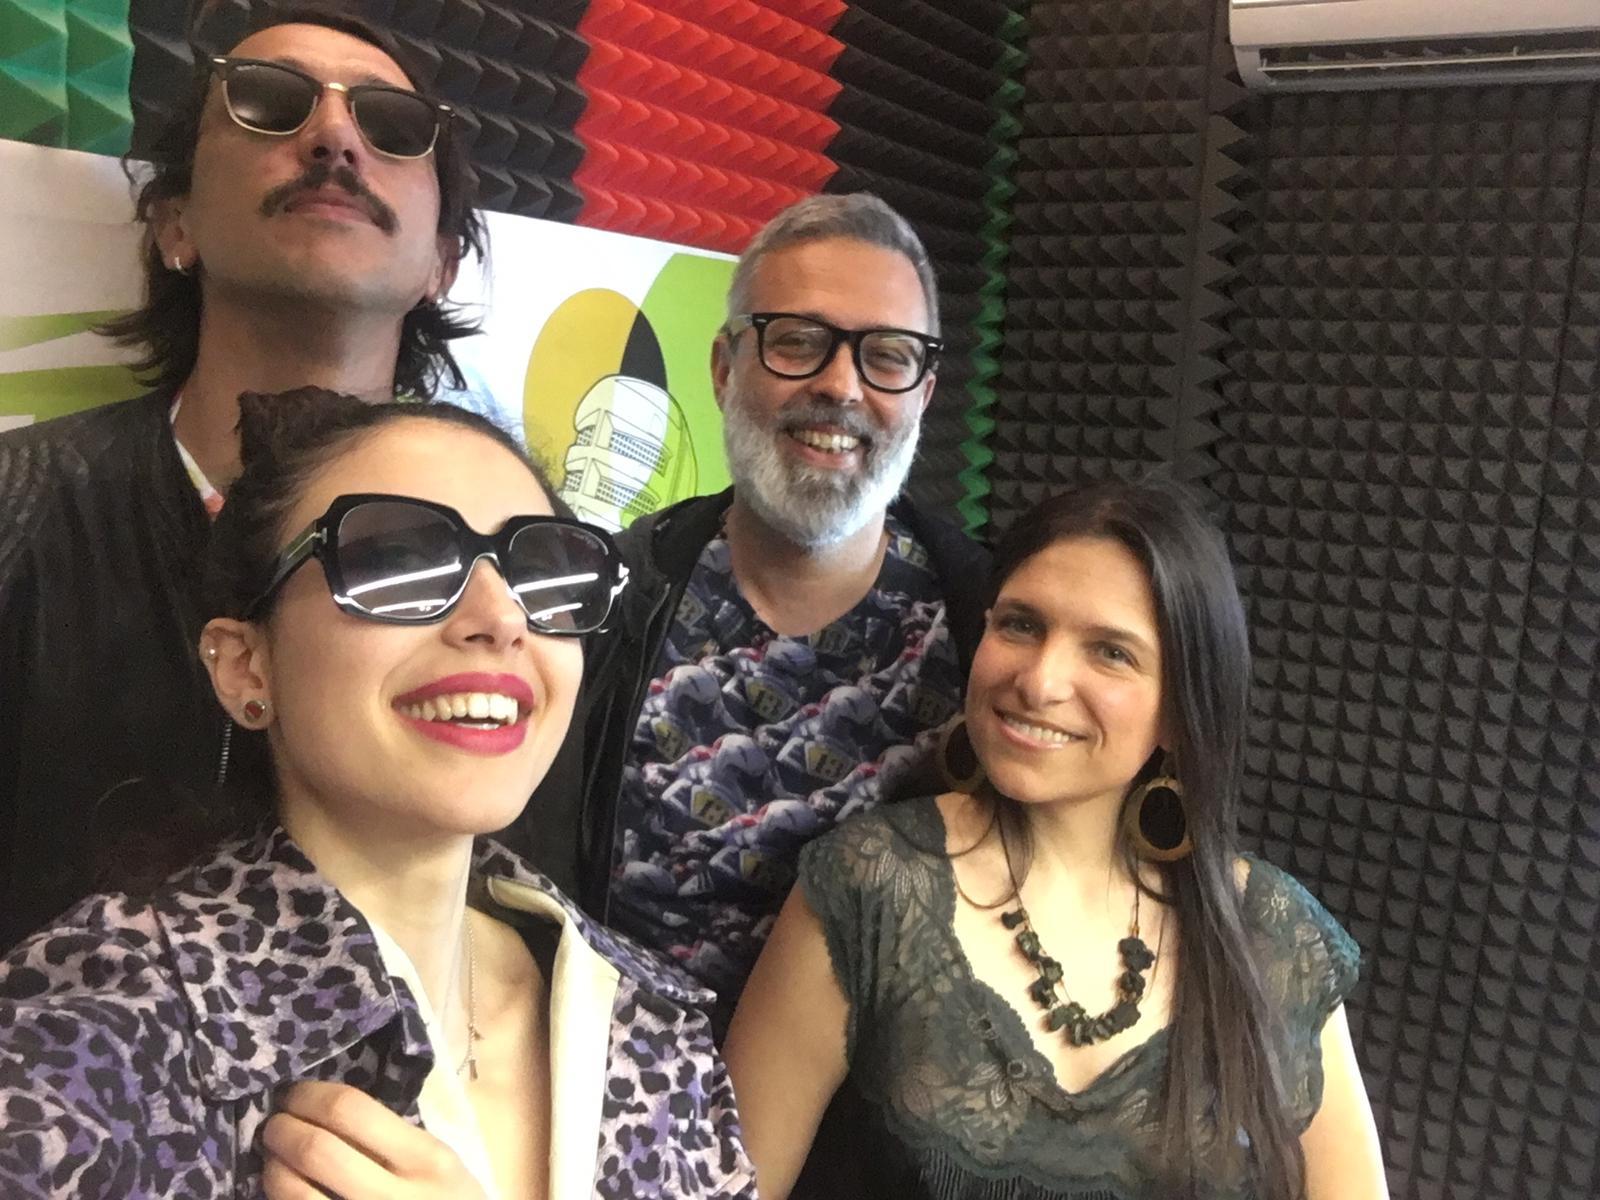 Sara Priolo e Milvia Averna con Corrado Fortuna e Frankie Hi Nrg